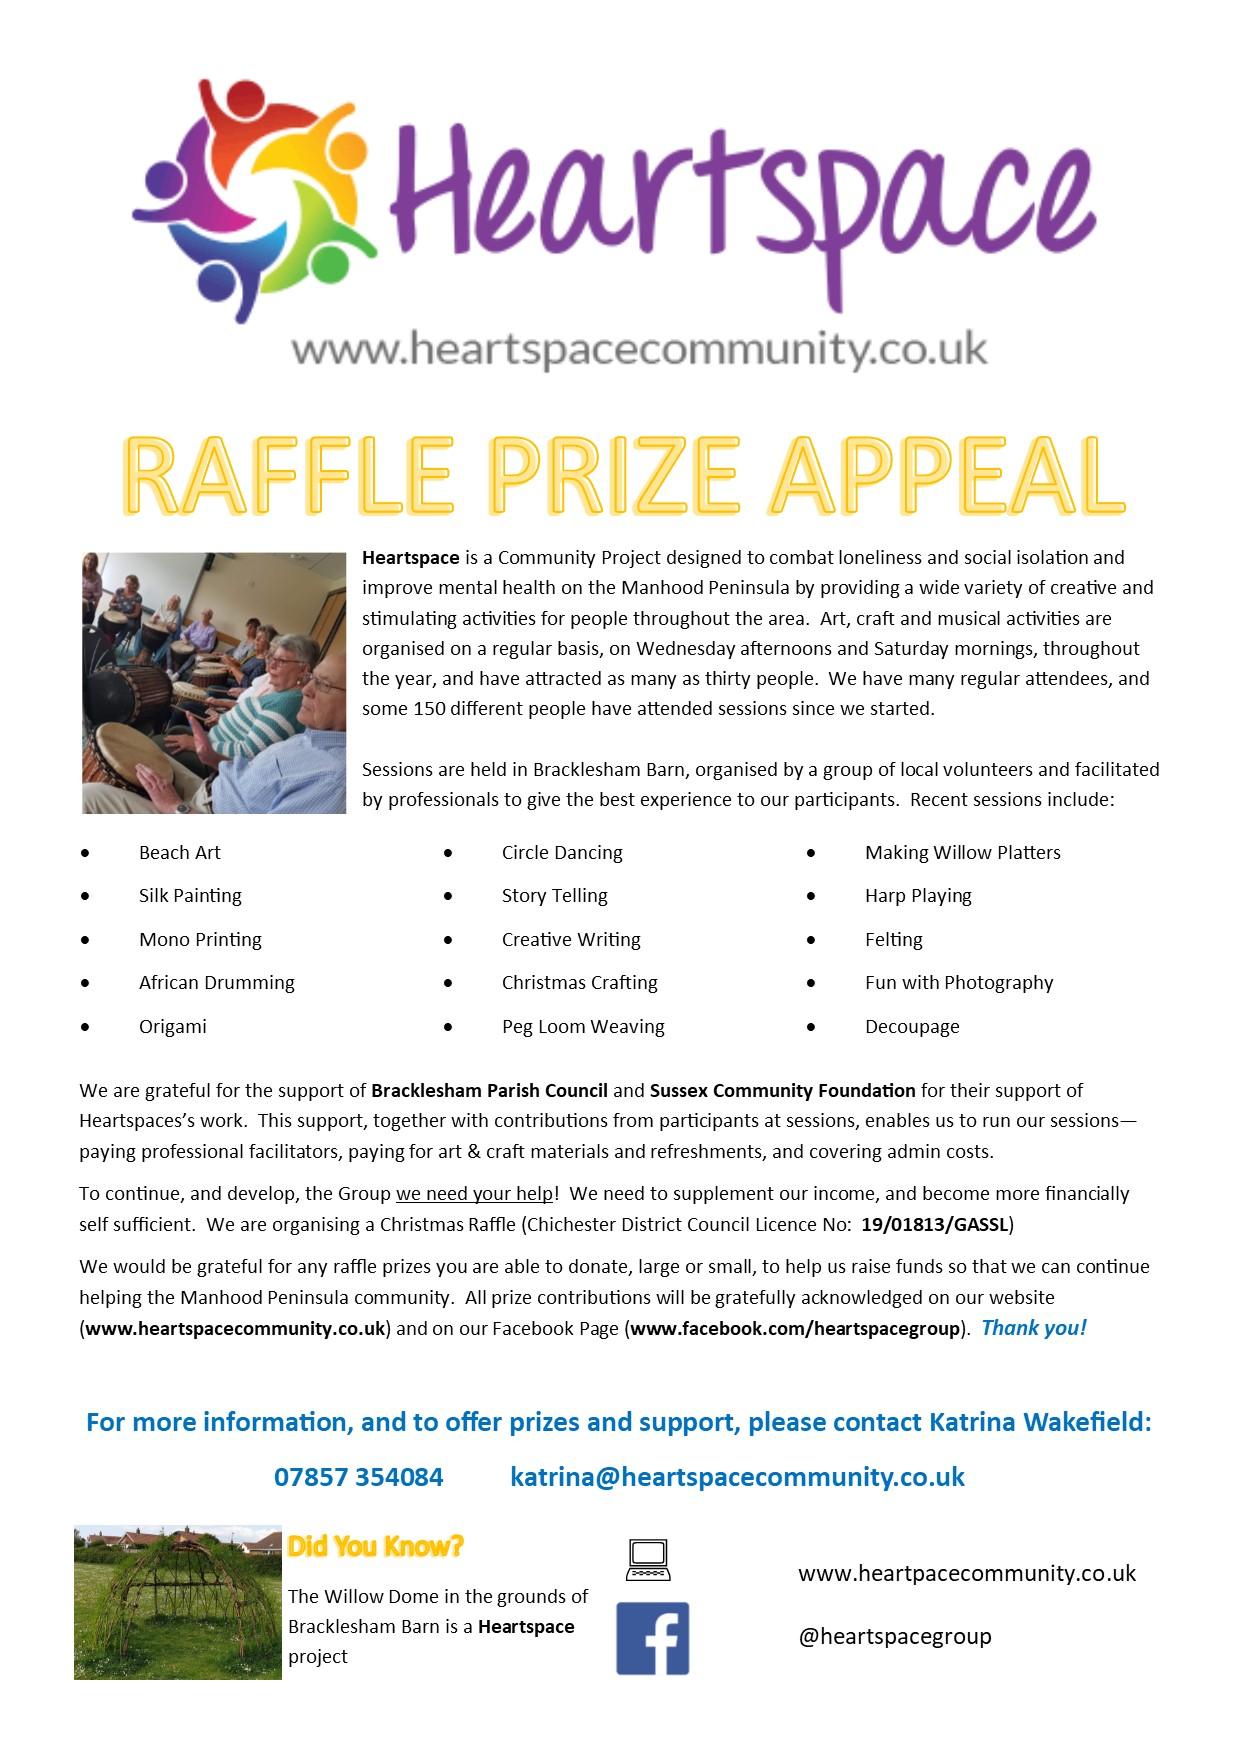 Heartspace Raffle Appeal